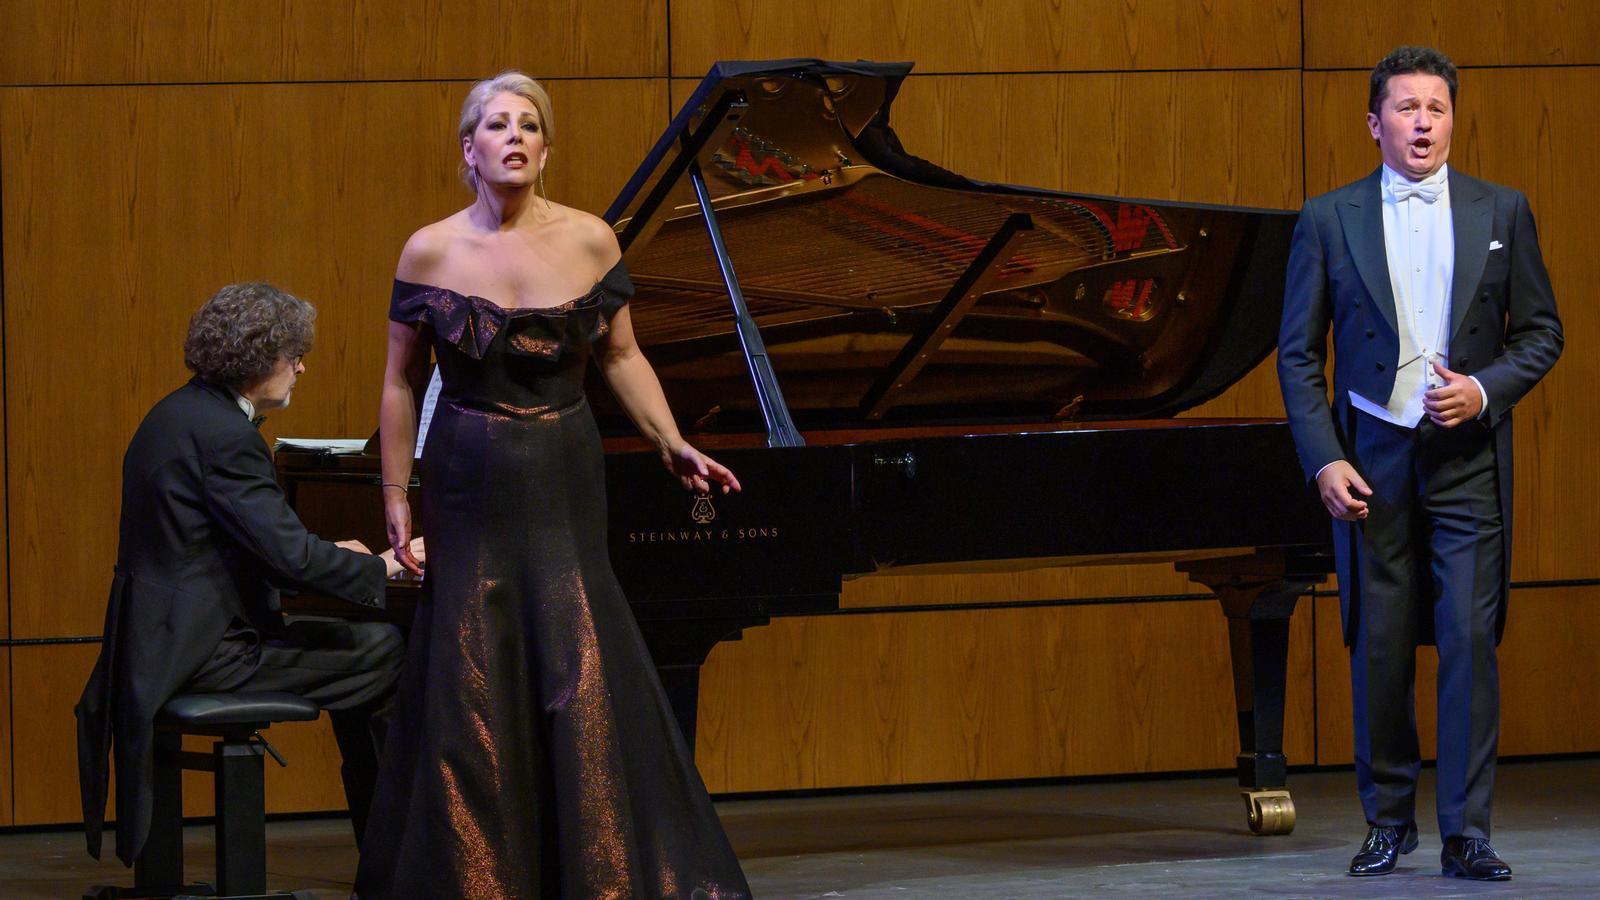 Sondra Radvanovsky i Piotr Beczala durant el recital d'aquest diumenge